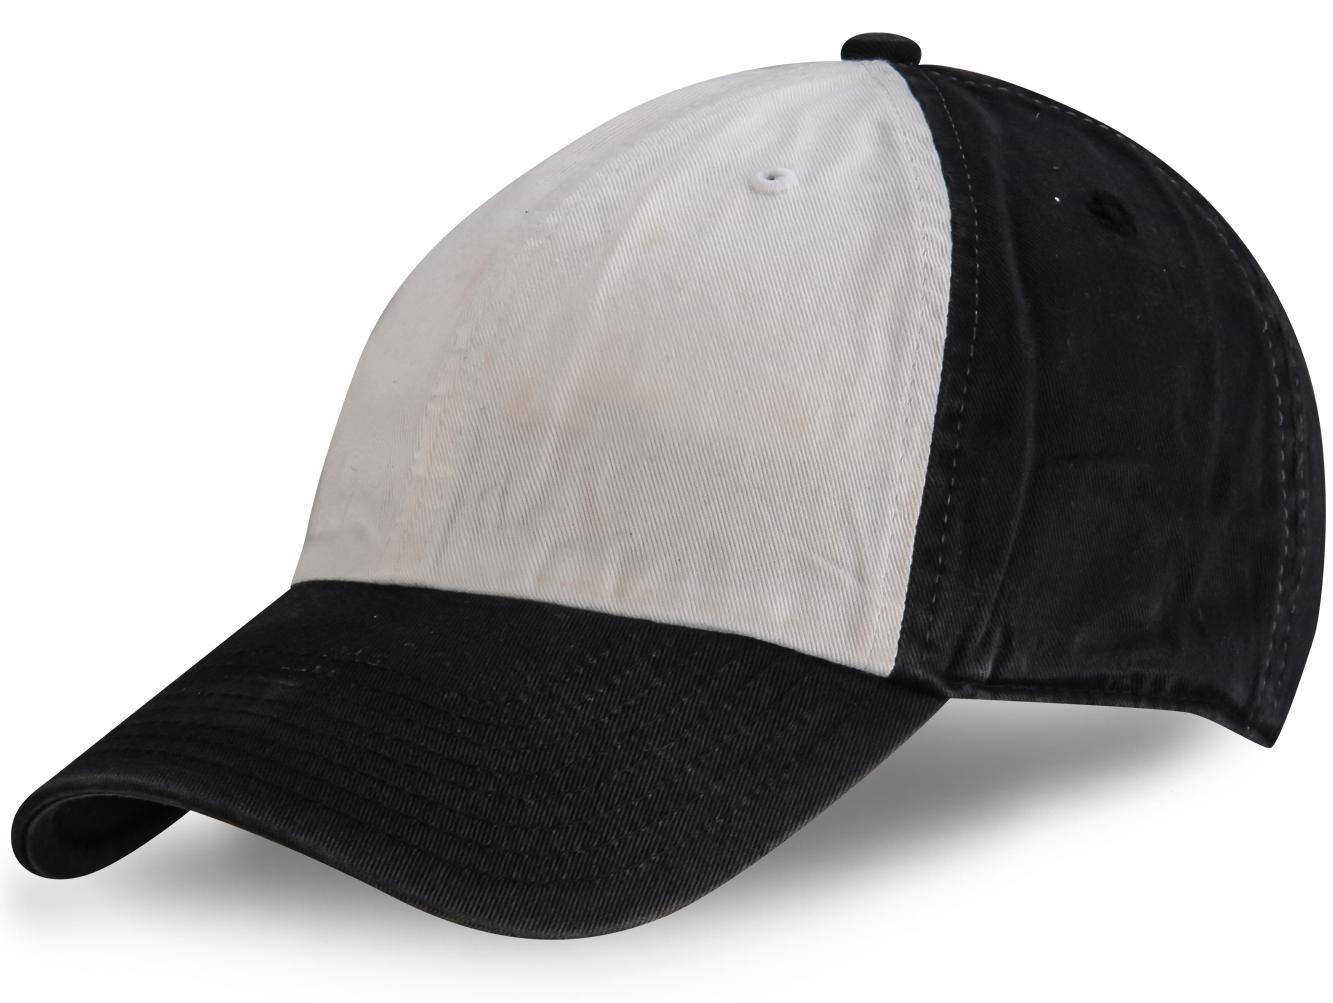 Черно-белая кепка - купить в интернет-магазине с доставкой